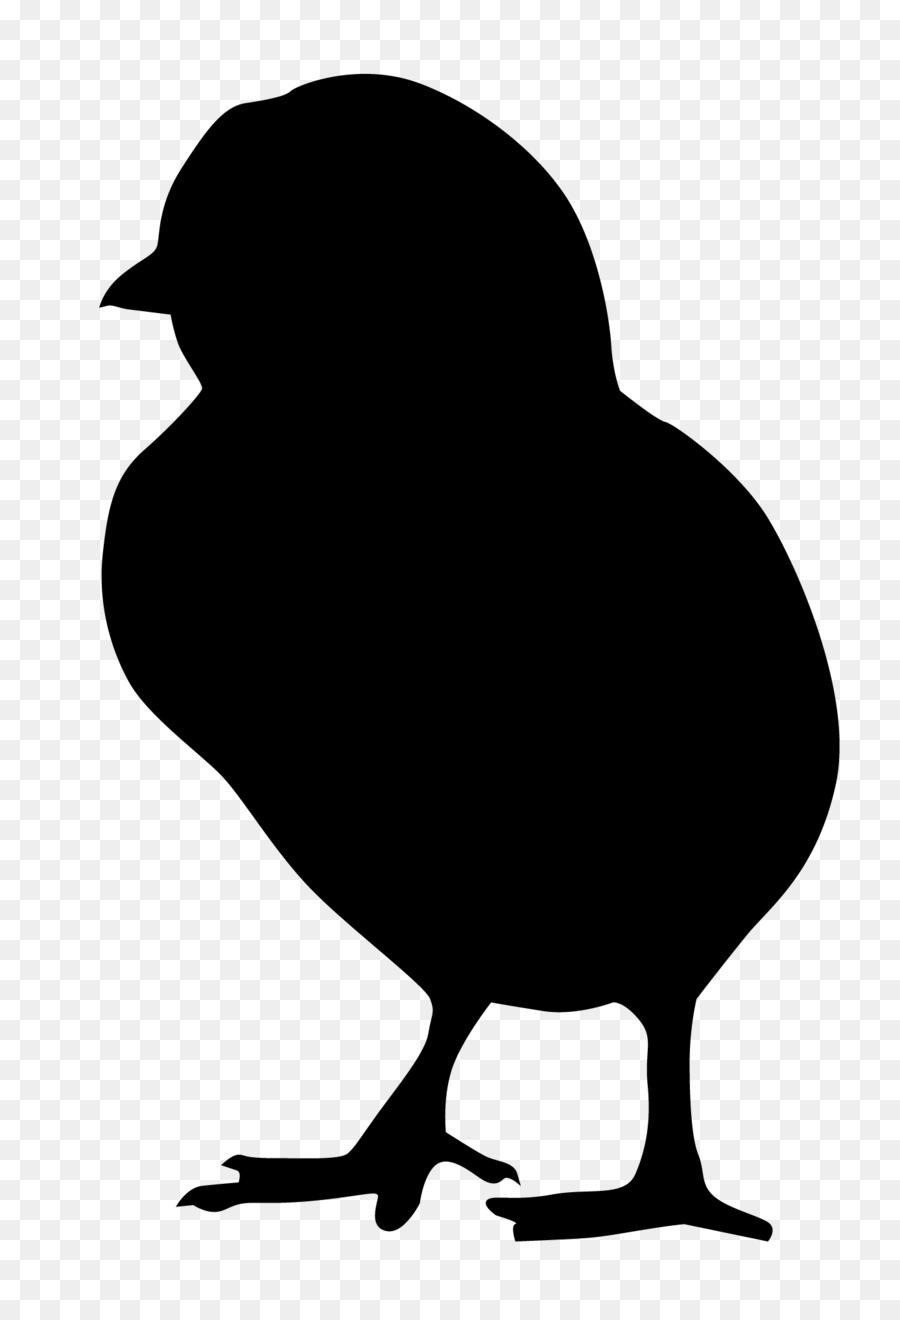 Chicken SVG, Chicken Monogram Svg, Chicken Silhouette